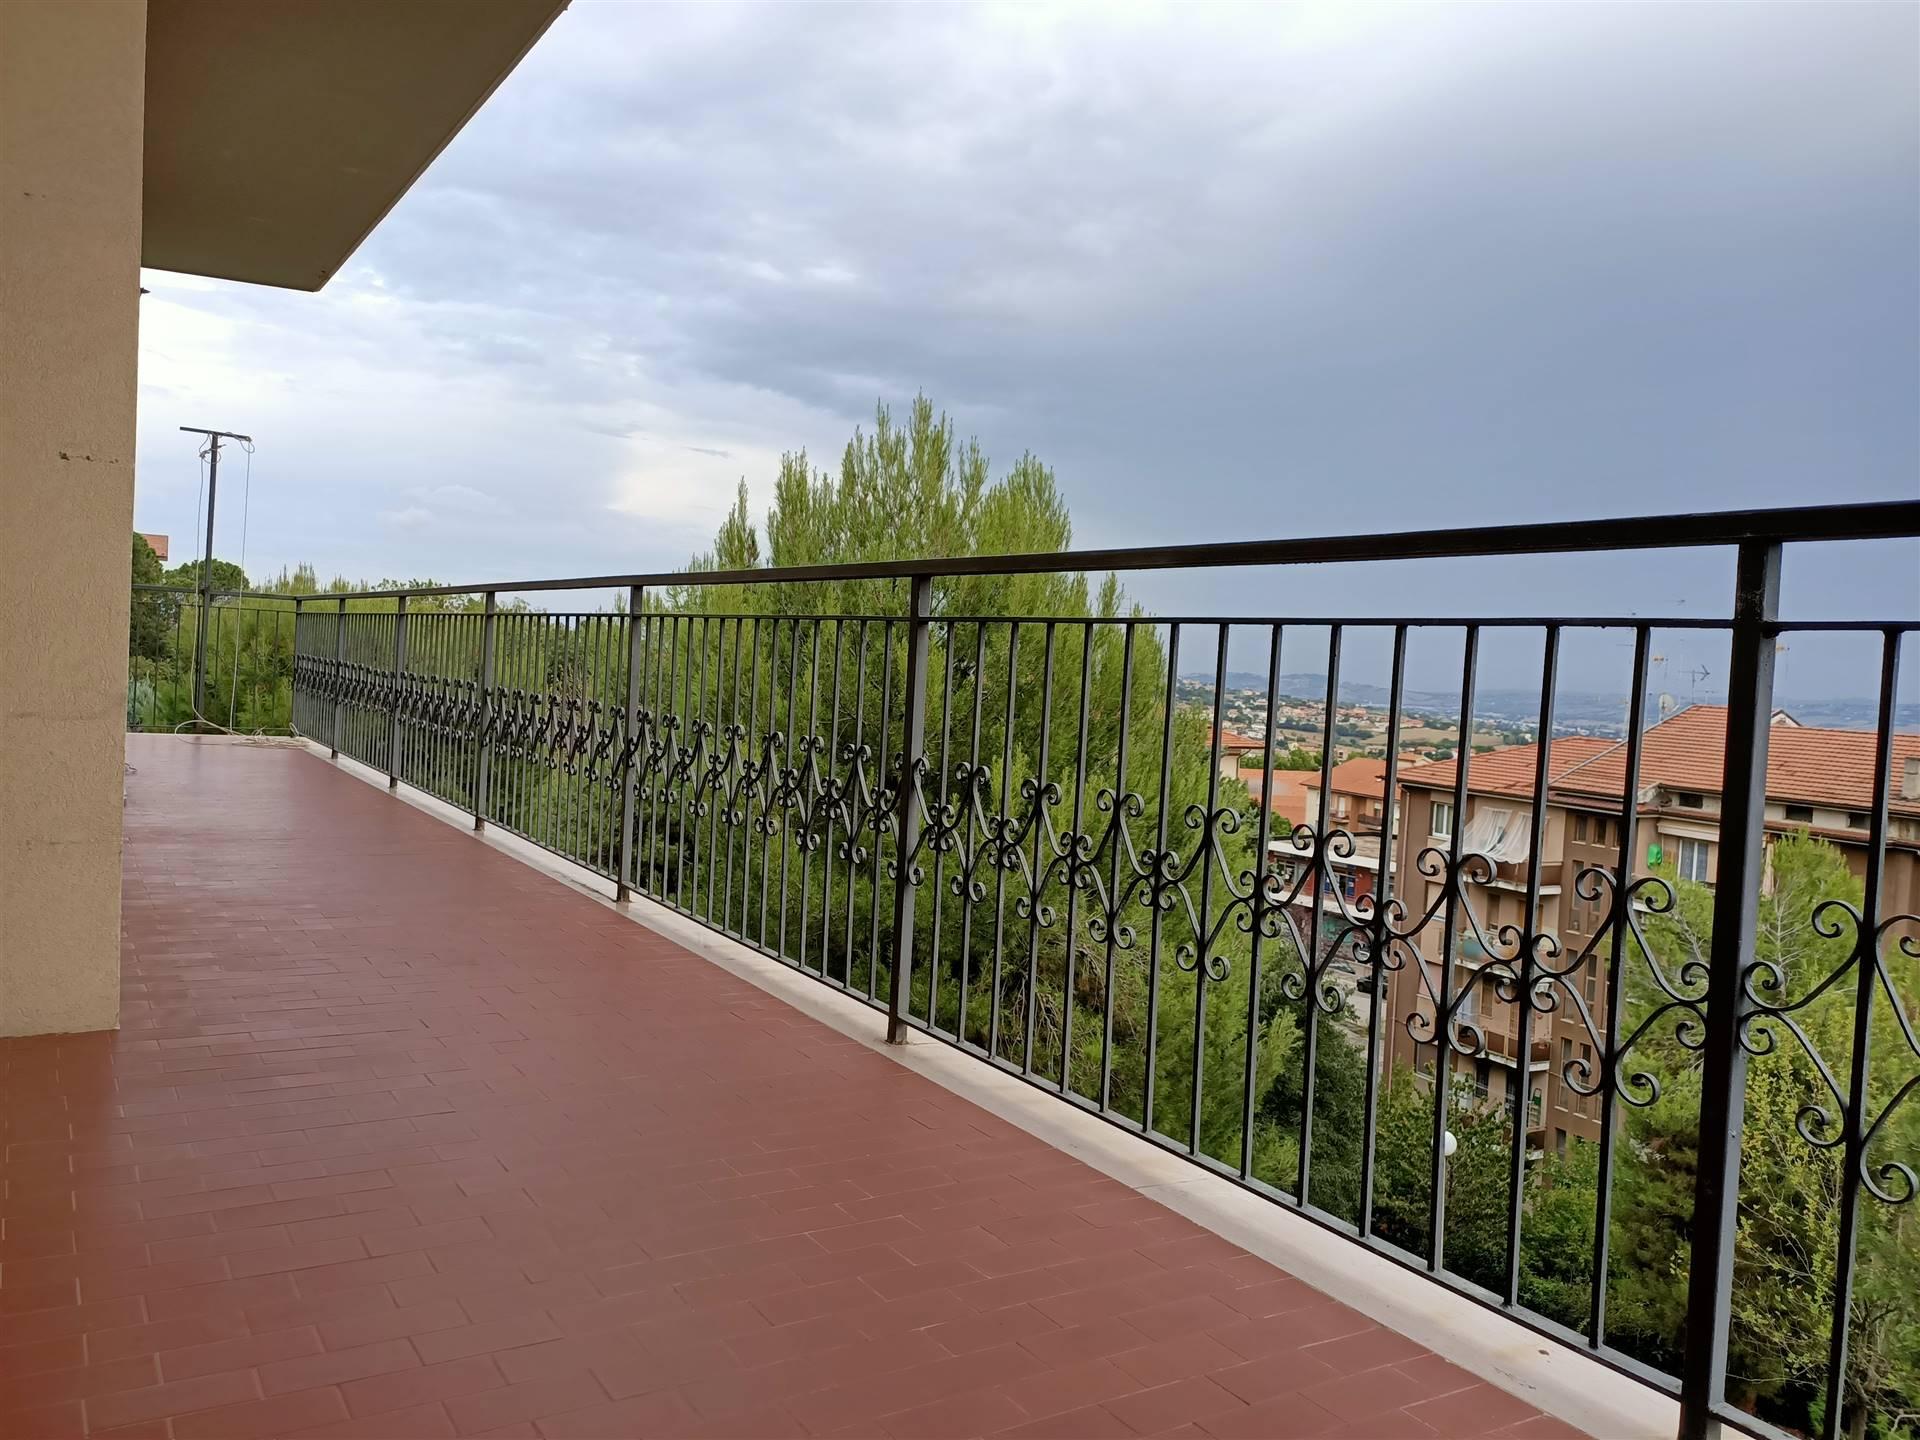 OSIMO, Wohnung zu verkaufen von 127 Qm, Bewohnbar, Heizung Unabhaengig, am boden 1° auf 3, zusammengestellt von: 6.5 Raume, Separate Küche, , 3